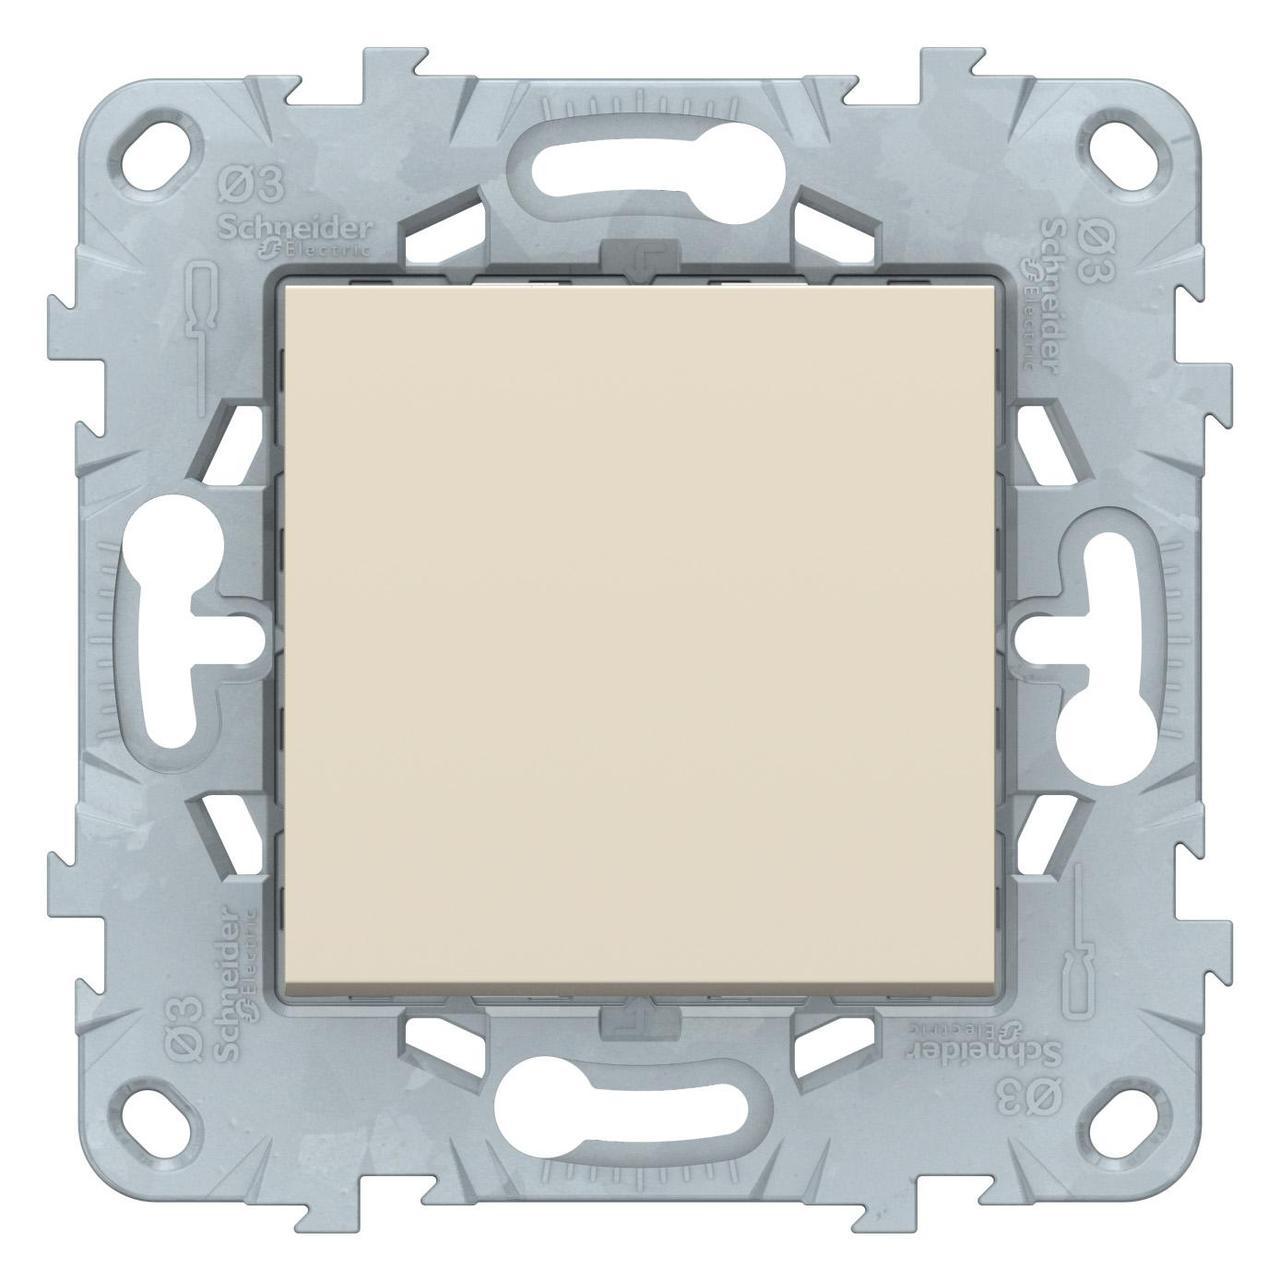 Выключатель 1-клавишный, перекрестный (с трех мест) , Бежевый, серия Unica New, Schneider Electric